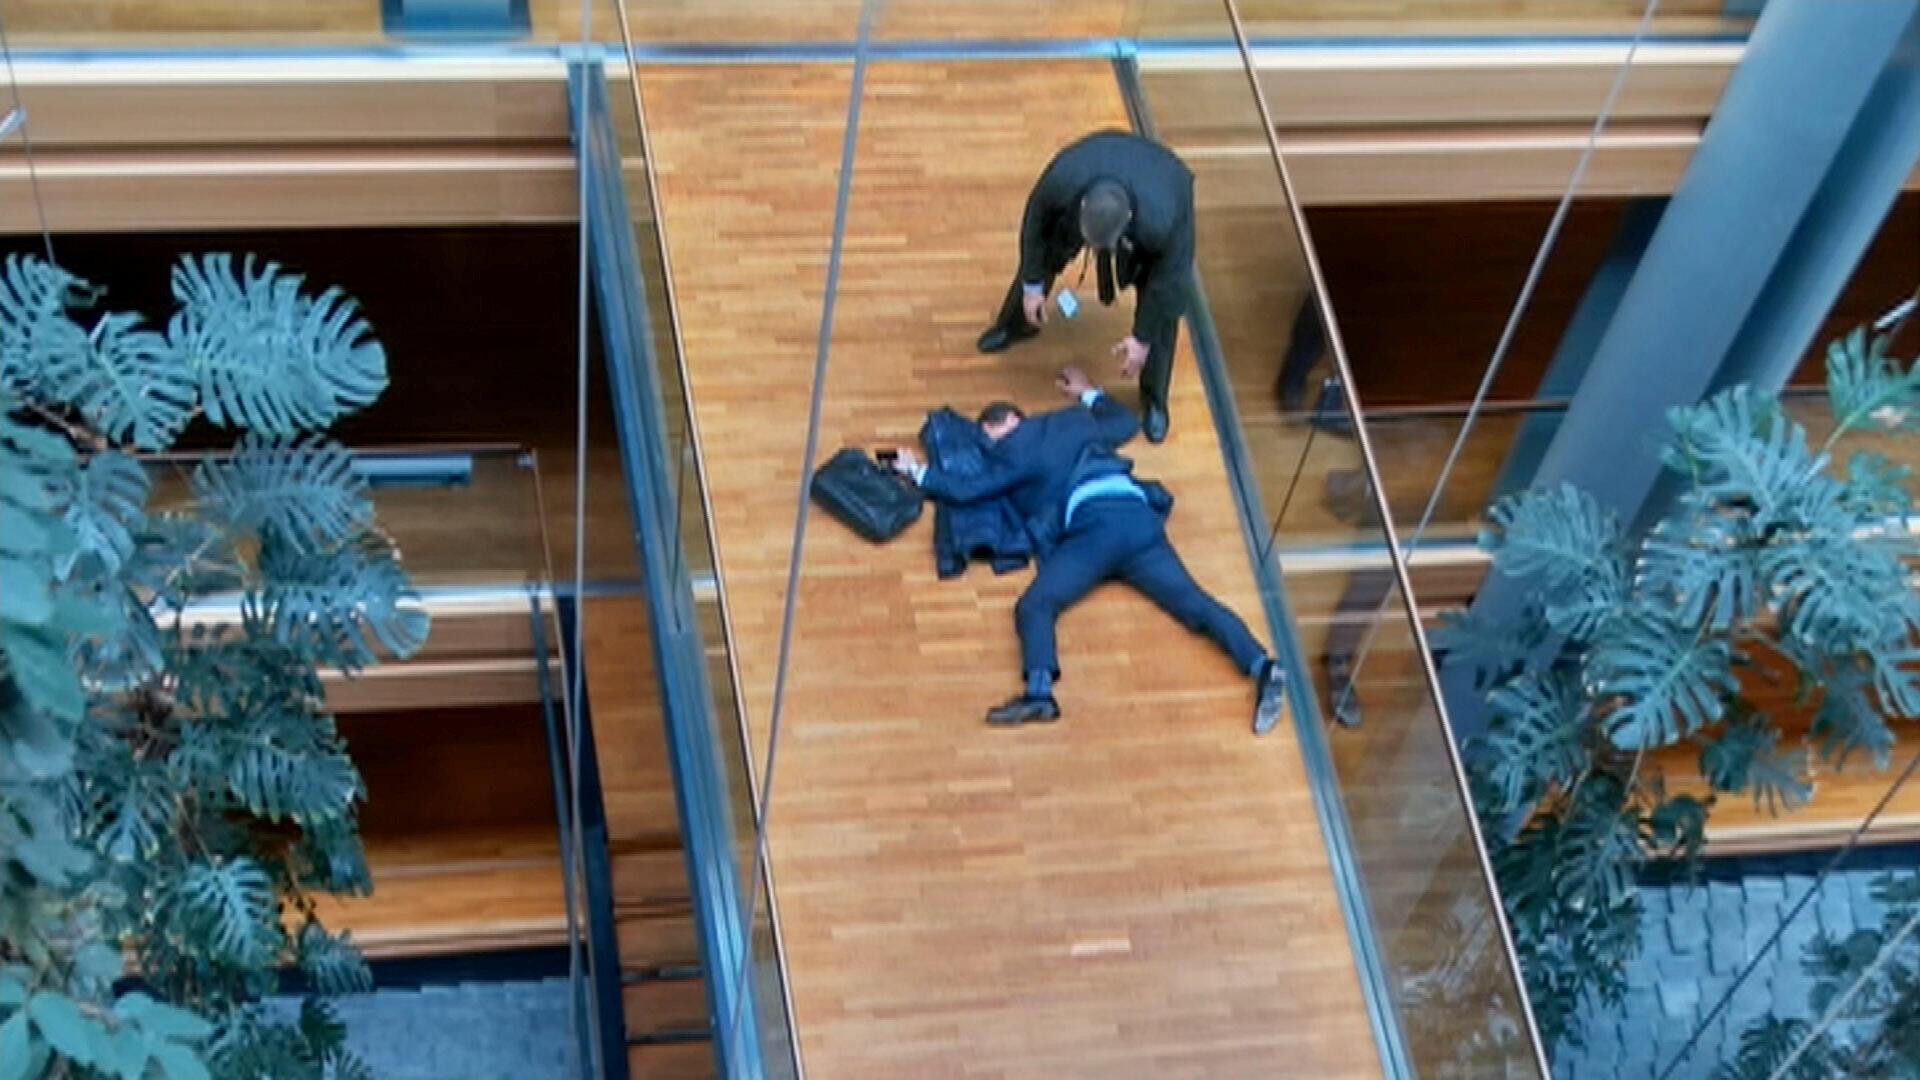 Кадр из видео, на котором мужчина – по всей вероятности, член партии UKIP Стивен Вулф – лежит на полу в здании Европарламента в Страсбурге.